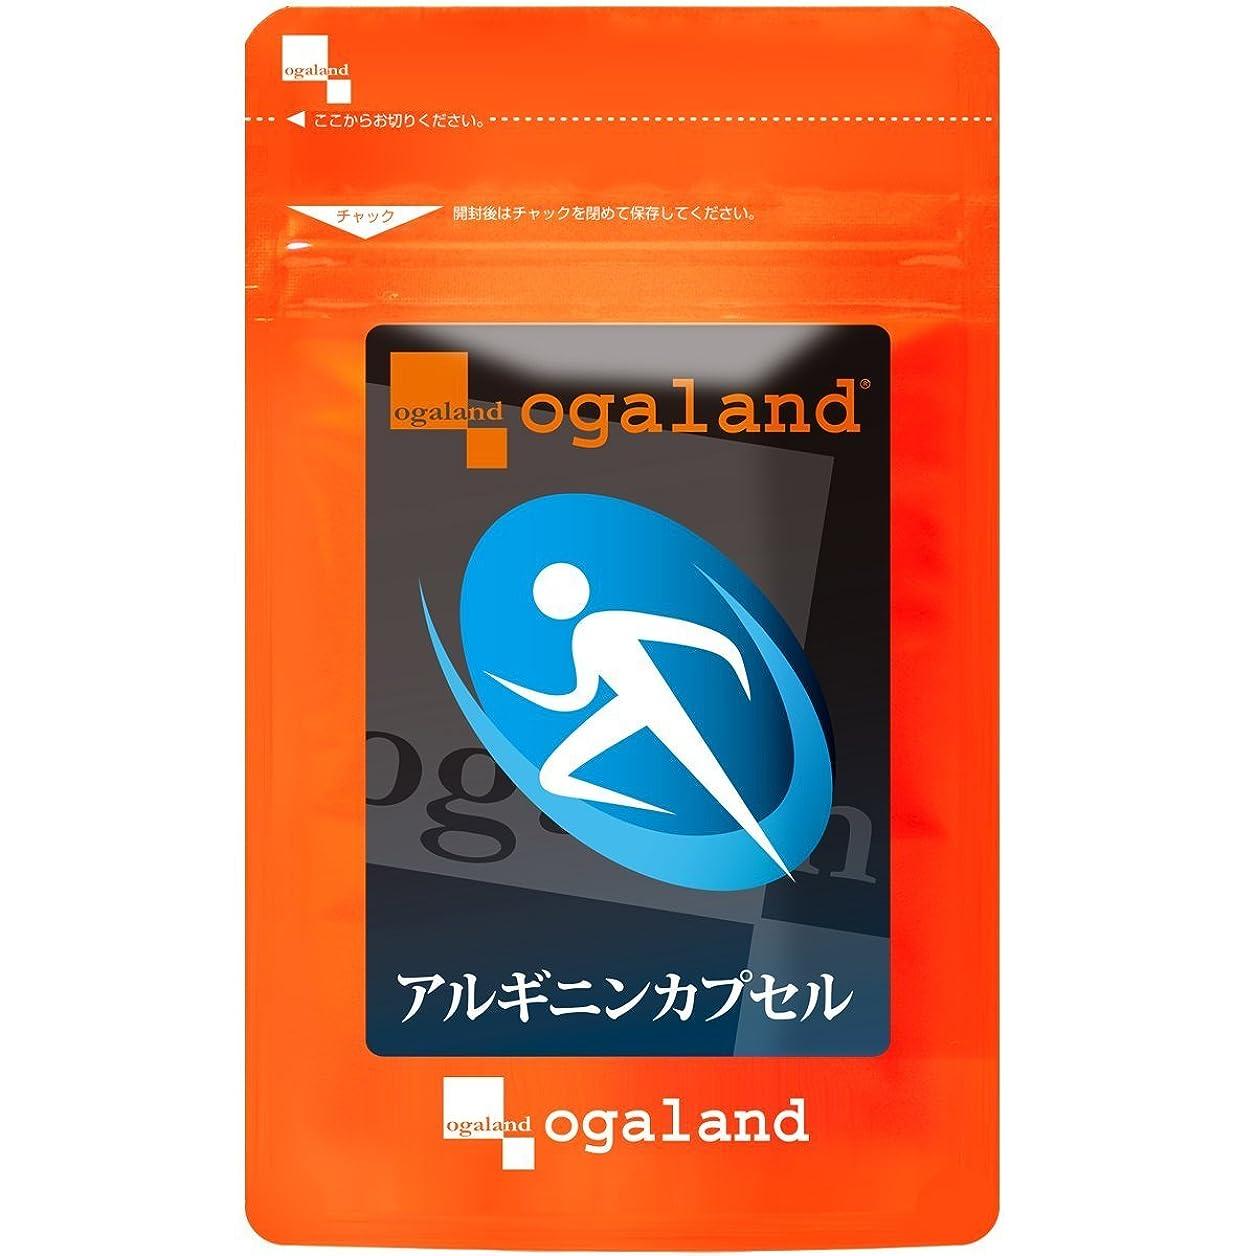 腐敗した引き受ける避難する国産クエン酸(結晶)3kg [02] 食品添加物(食用)鹿児島県で製造される、国内製造のクエン酸 NICHIGA(ニチガ)